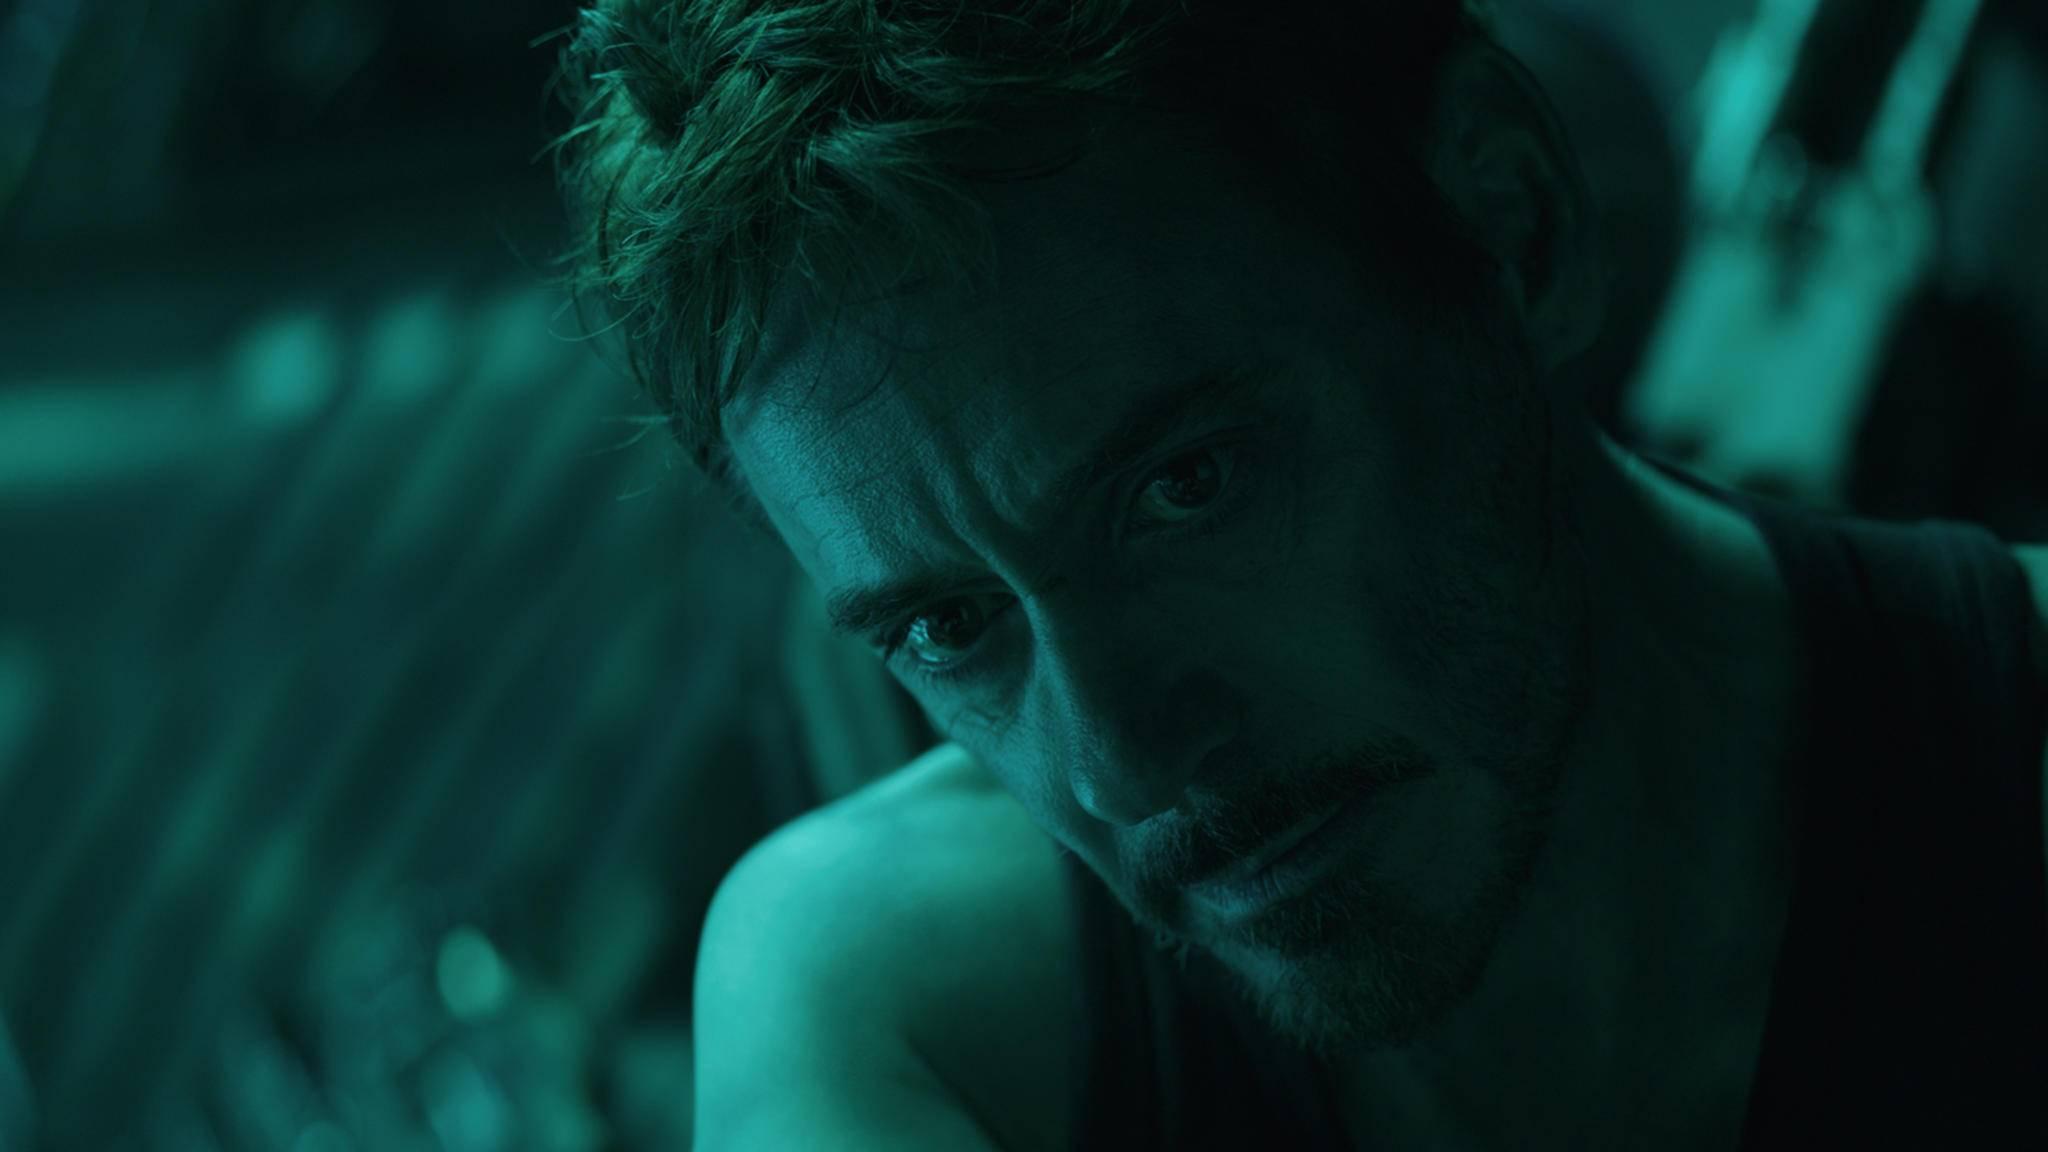 """Eine herausgeschnittene Szene aus """"Avengers: Endgame"""" dreht sich um Tony Starks heldenhaftes Opfer."""